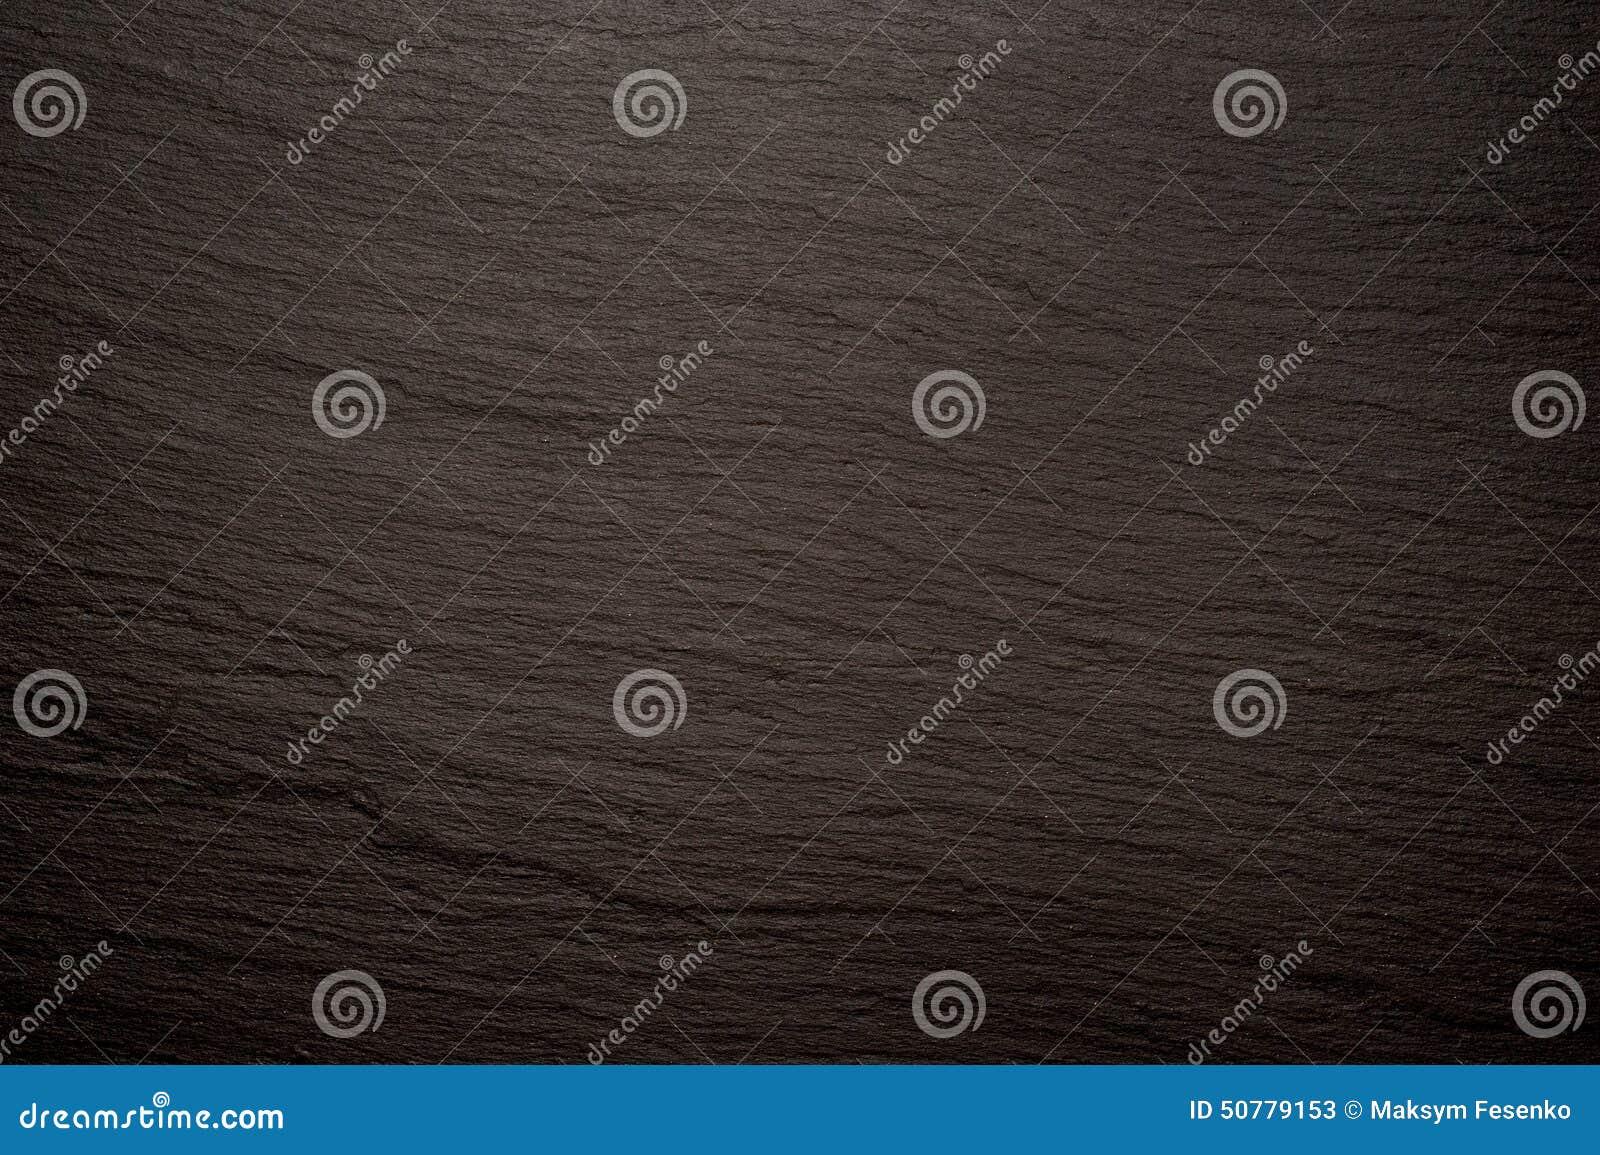 fond d 39 image noir de texture d 39 ardoise photo stock image. Black Bedroom Furniture Sets. Home Design Ideas